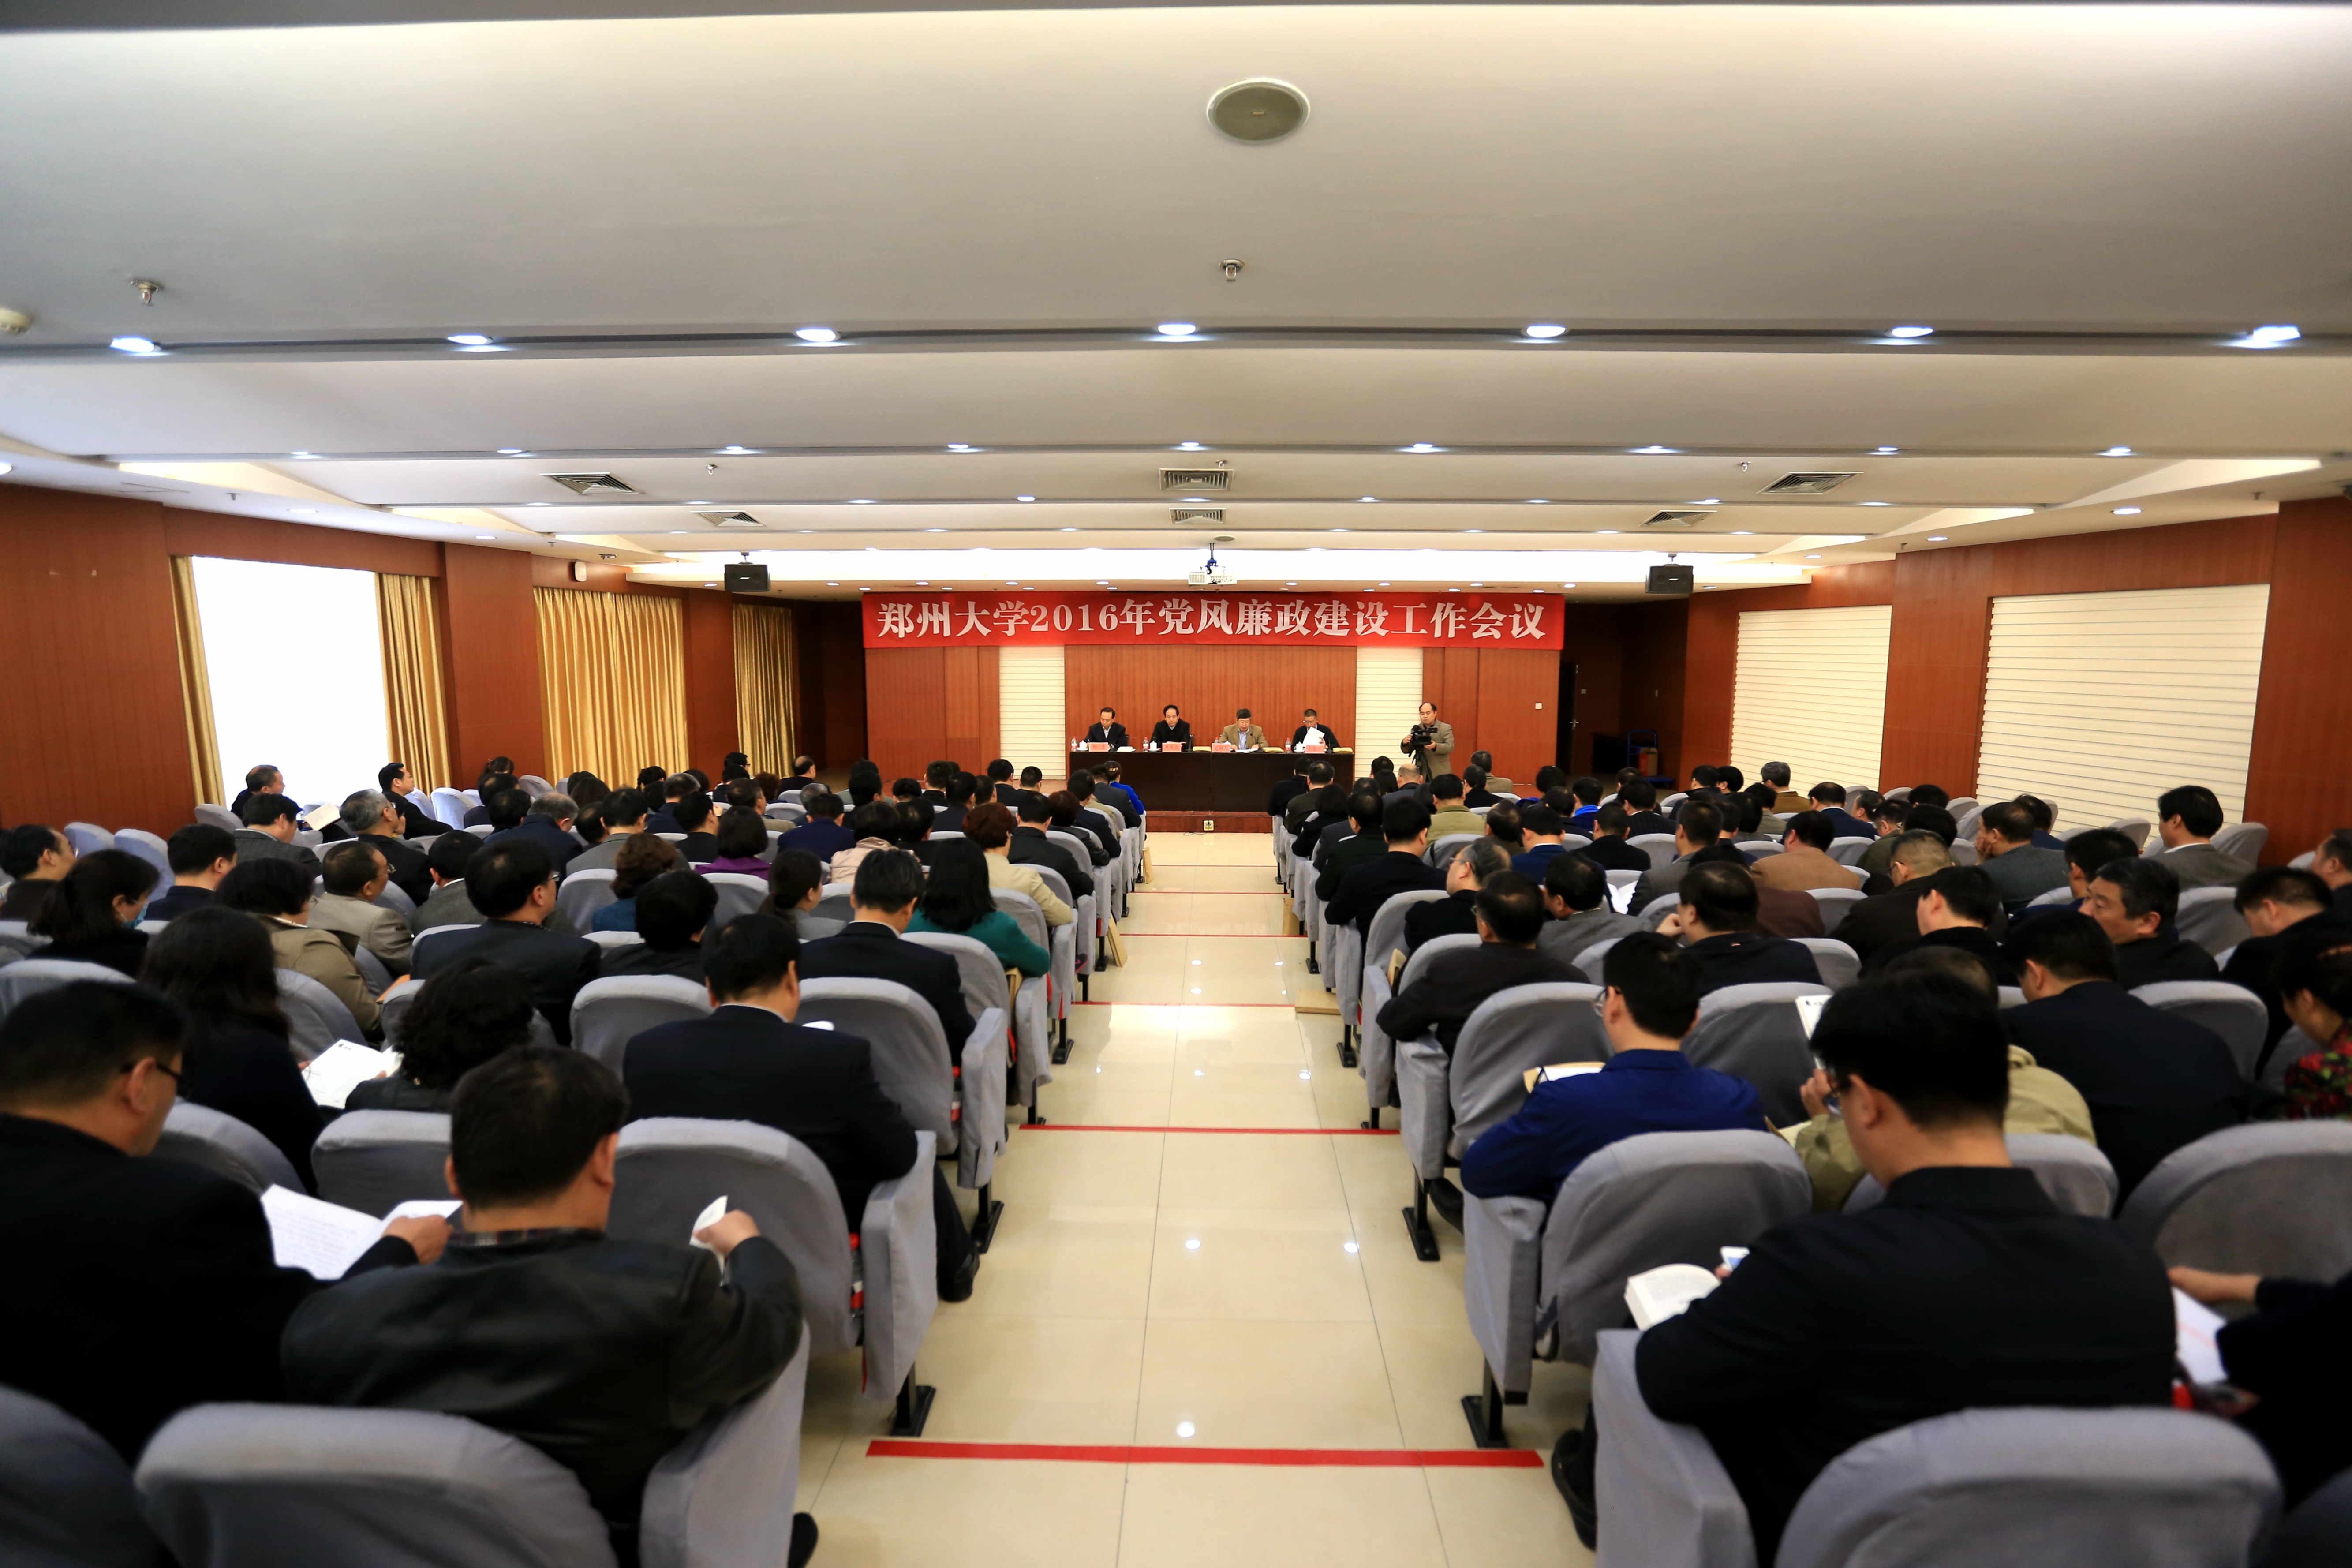 郑州大学 召开2016年党风廉政建设工作会议